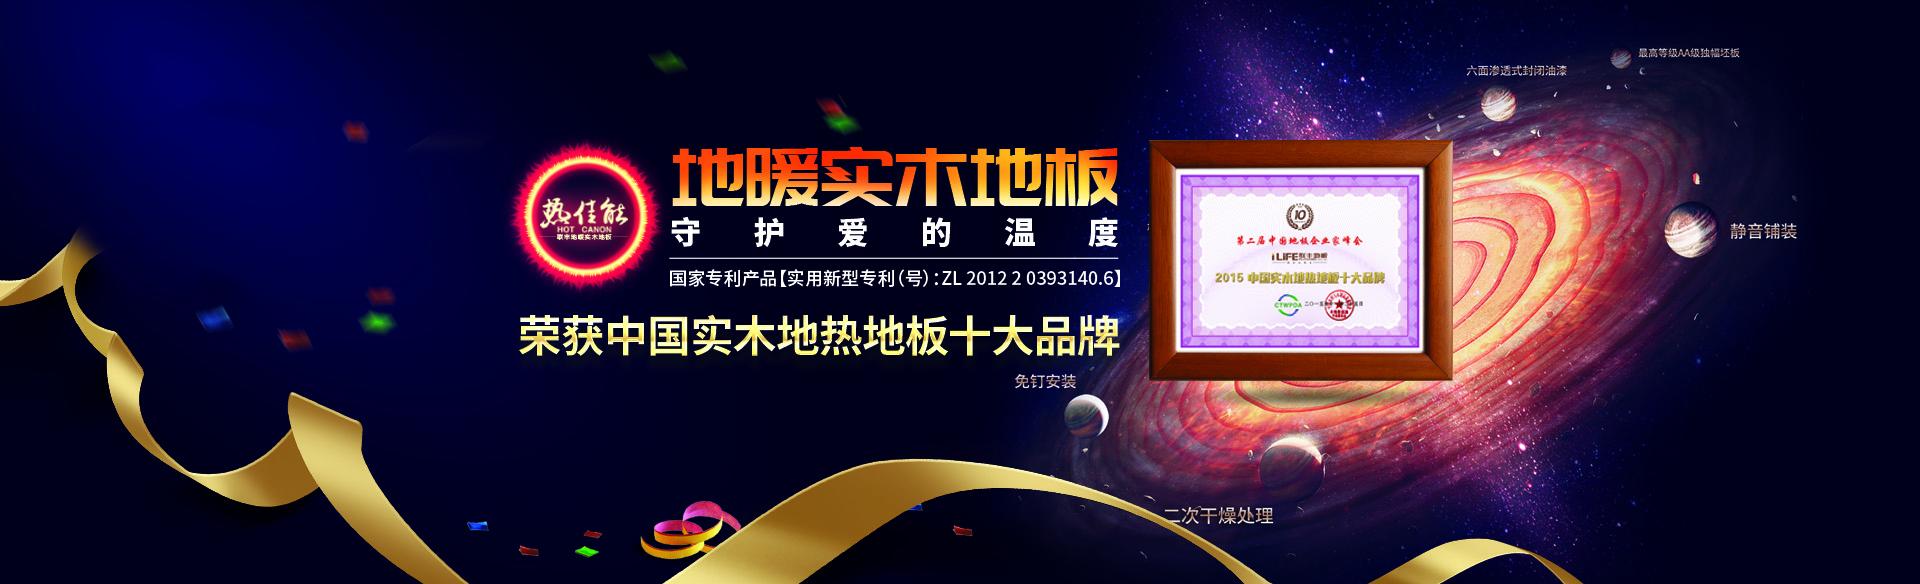 联丰地板:31周年顈i荨猚hang沙zhan